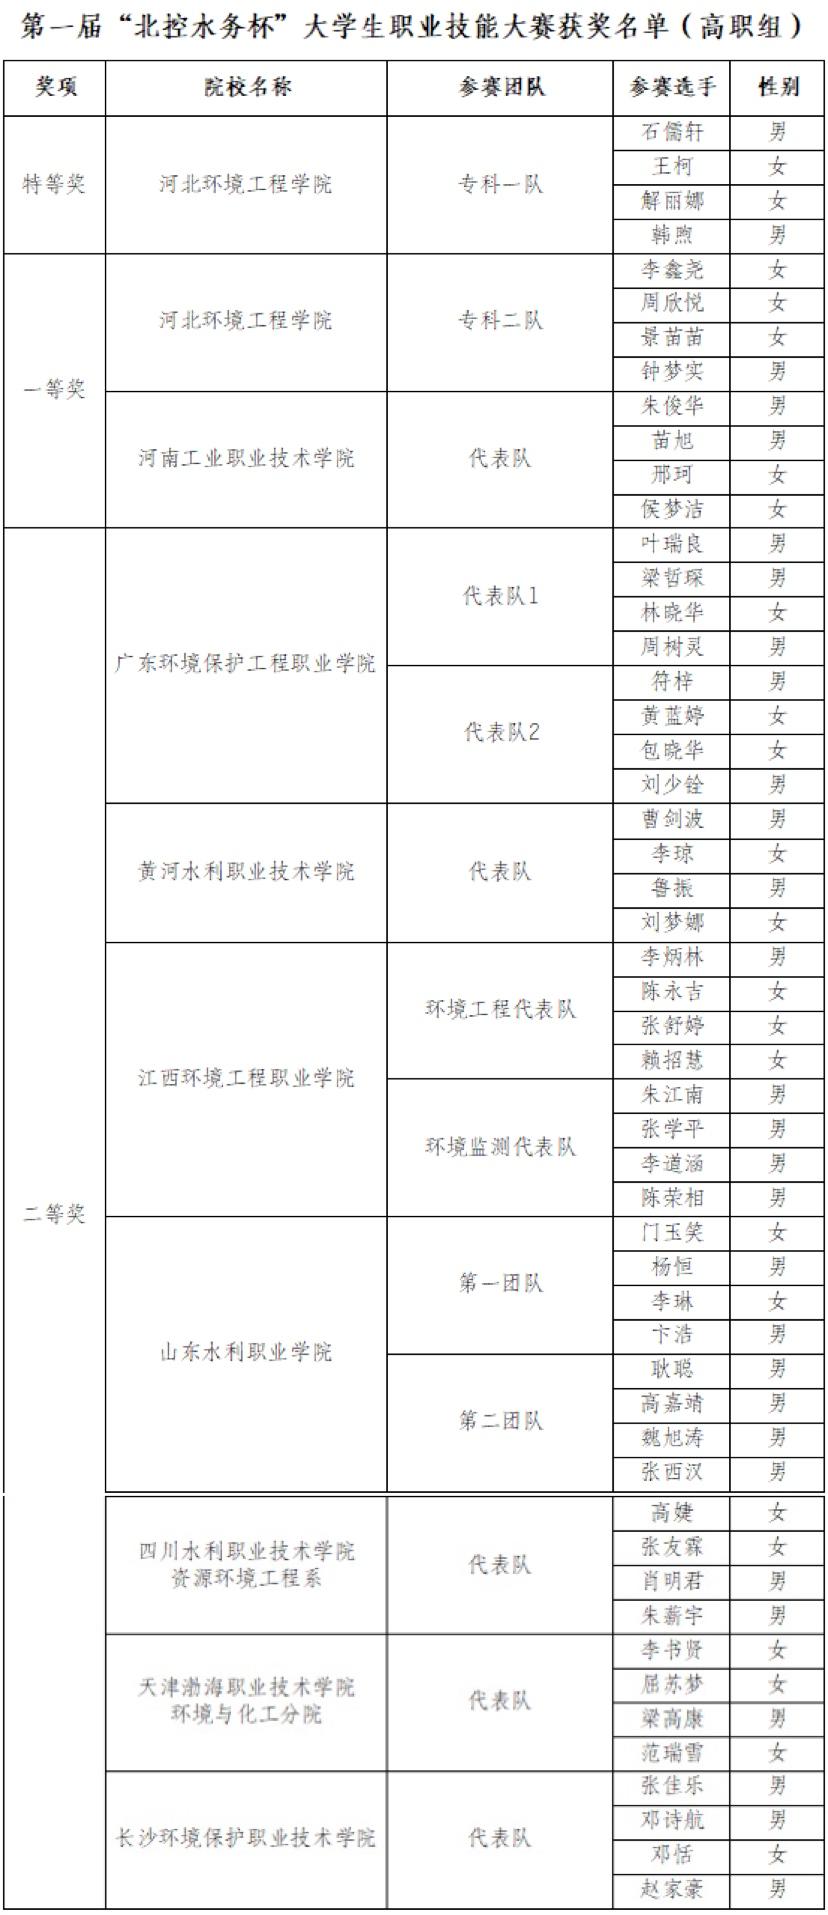 """第一届""""北控水务杯""""大学生职业技能大赛获奖名单"""